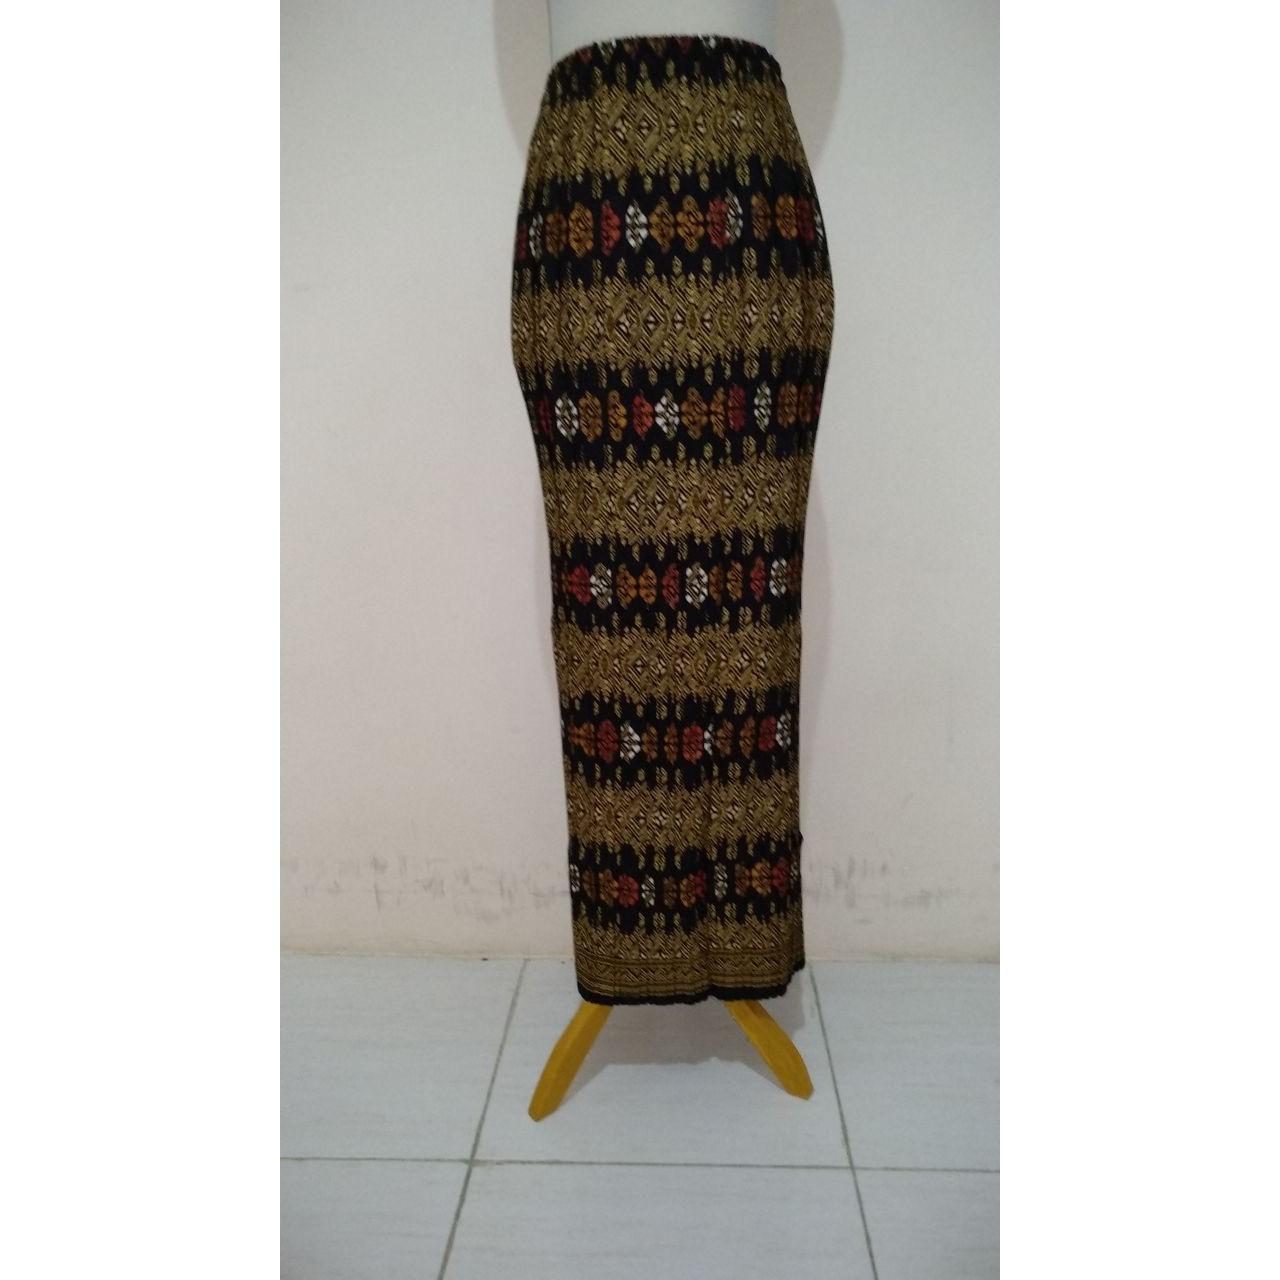 Beli Sb Collection Rok Plisket Hena Maxi Panjang Jumbo Batik Wanita Kredit Banten